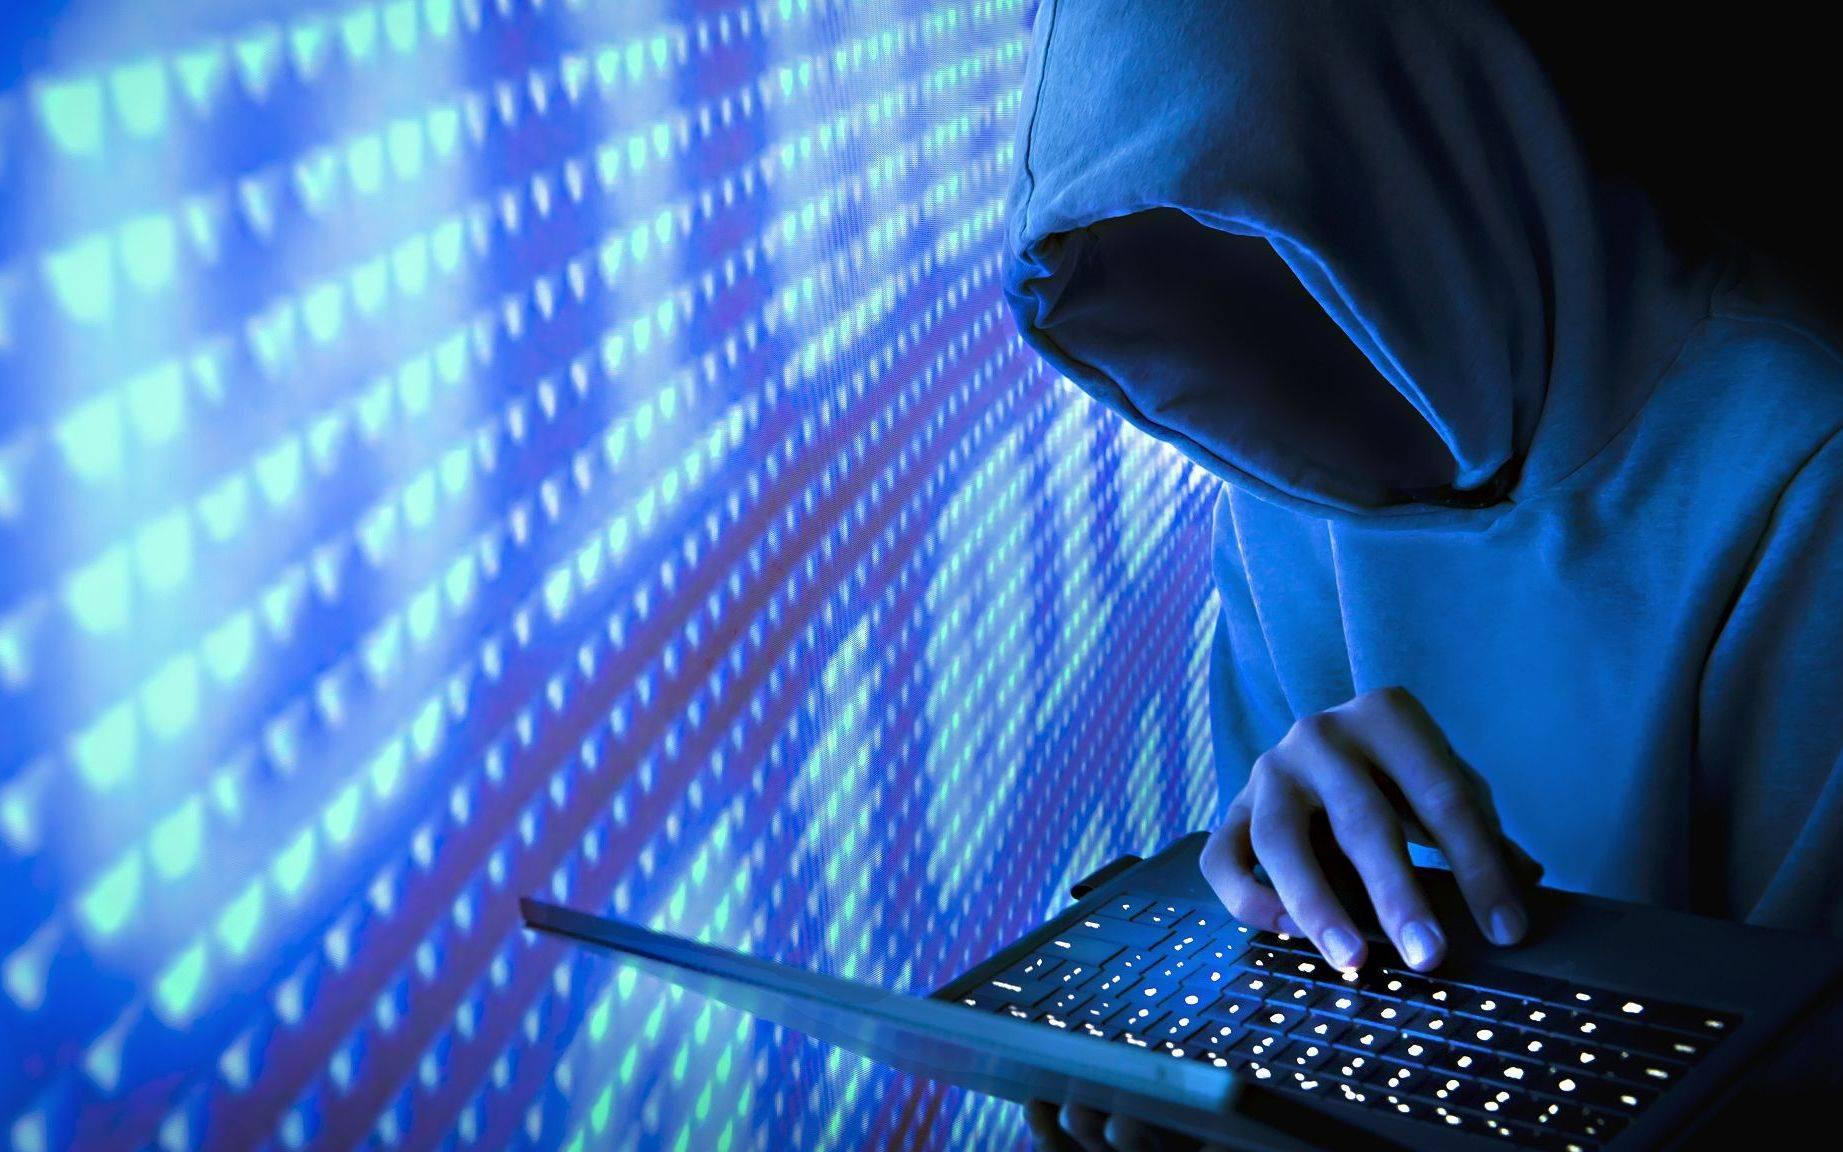 """丢手机后被盗刷被贷款,不能指望人人都是""""防盗专家"""""""